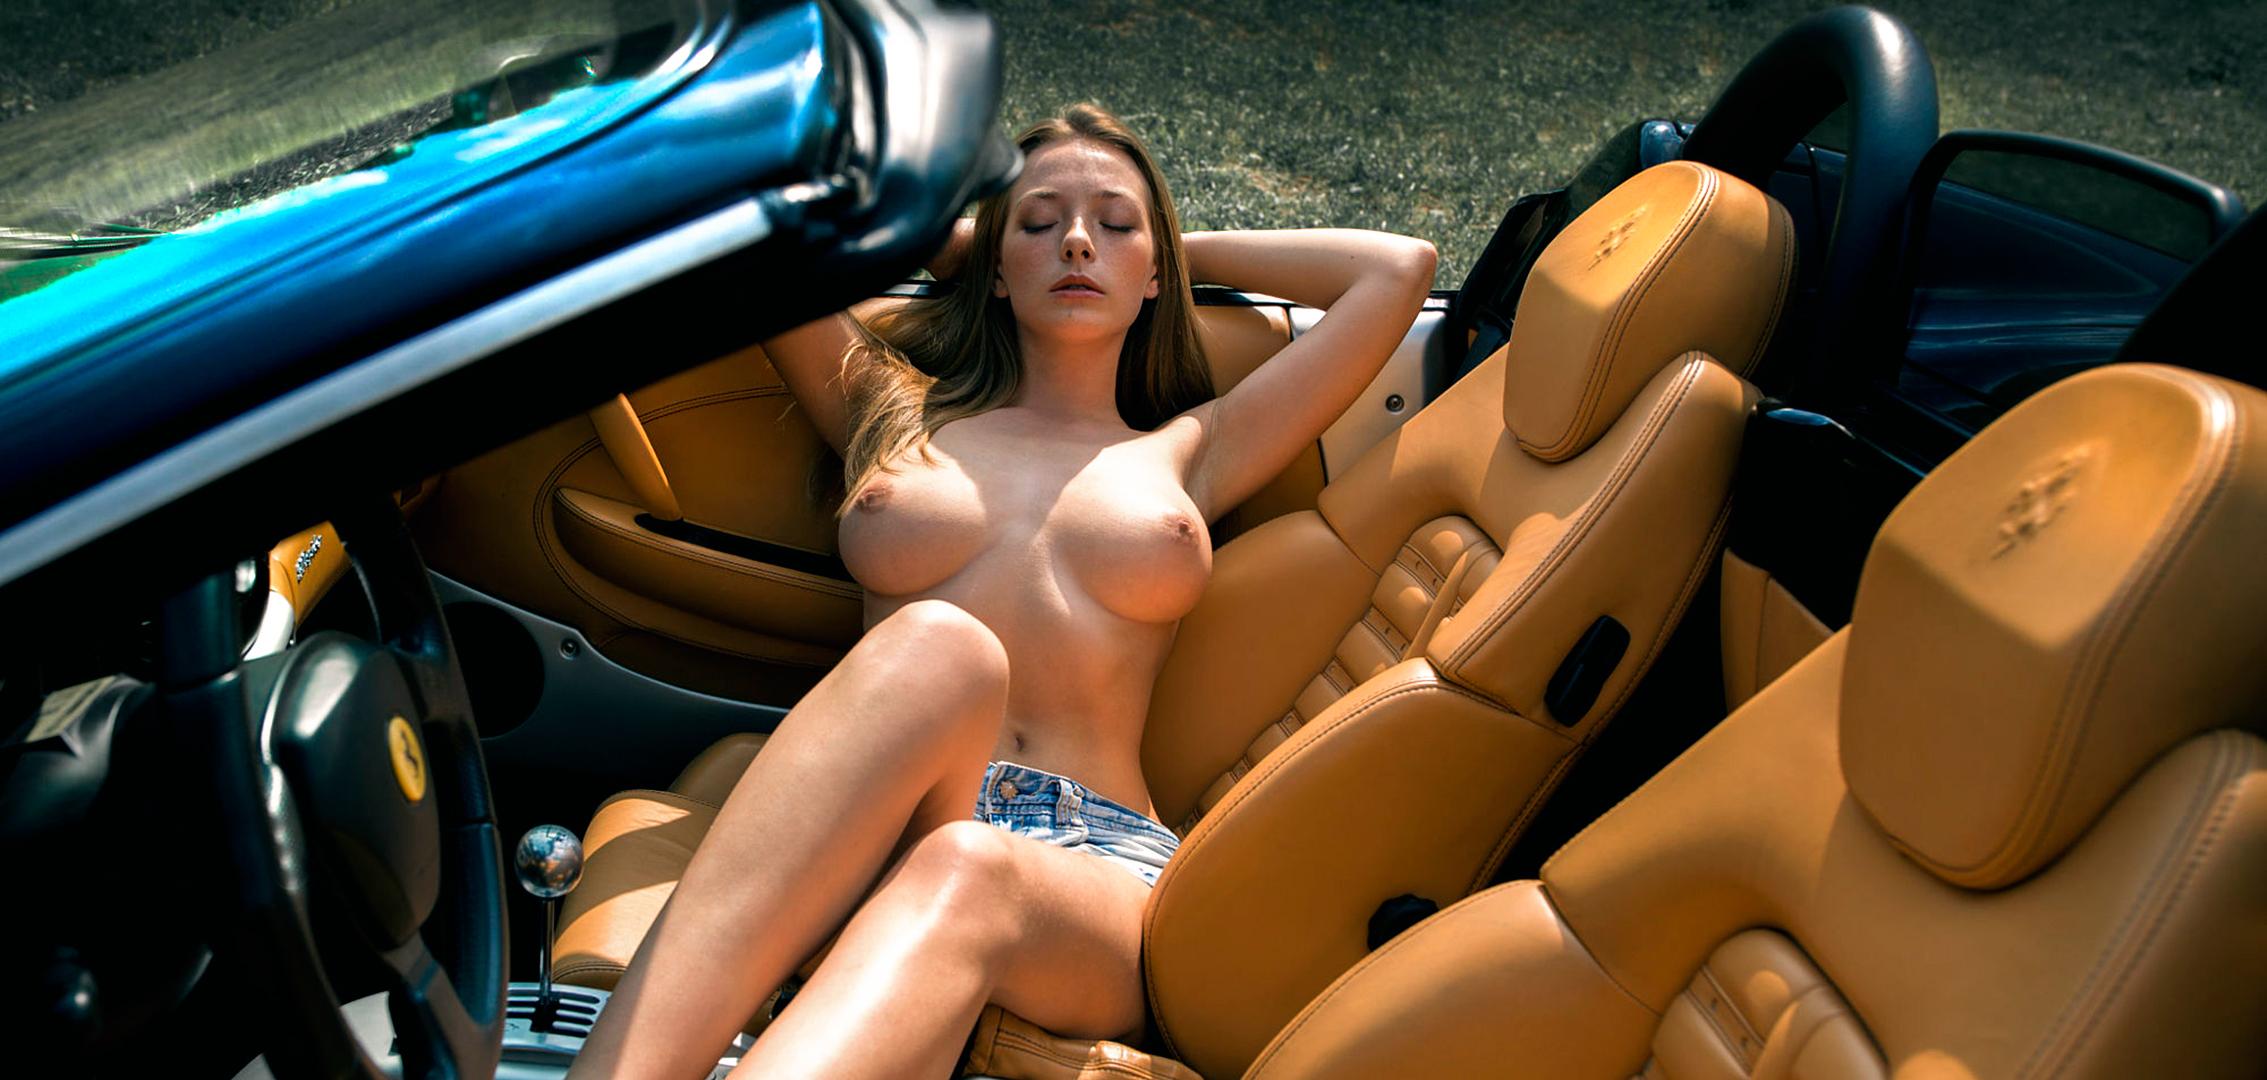 Сообщение, голые фото девушек на машинах нынешний